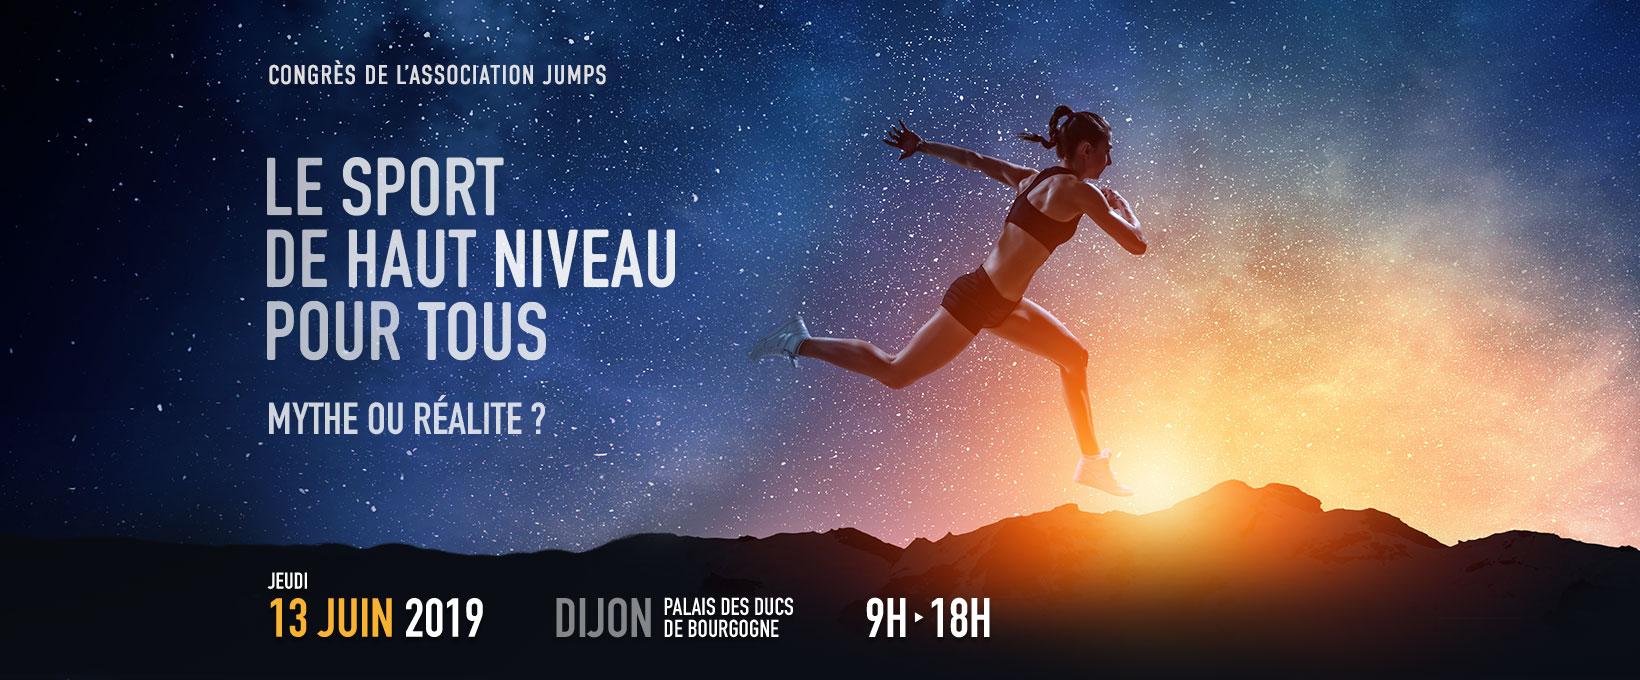 Droit Du Sport : Le Sport De Haut Niveau Pour Tous